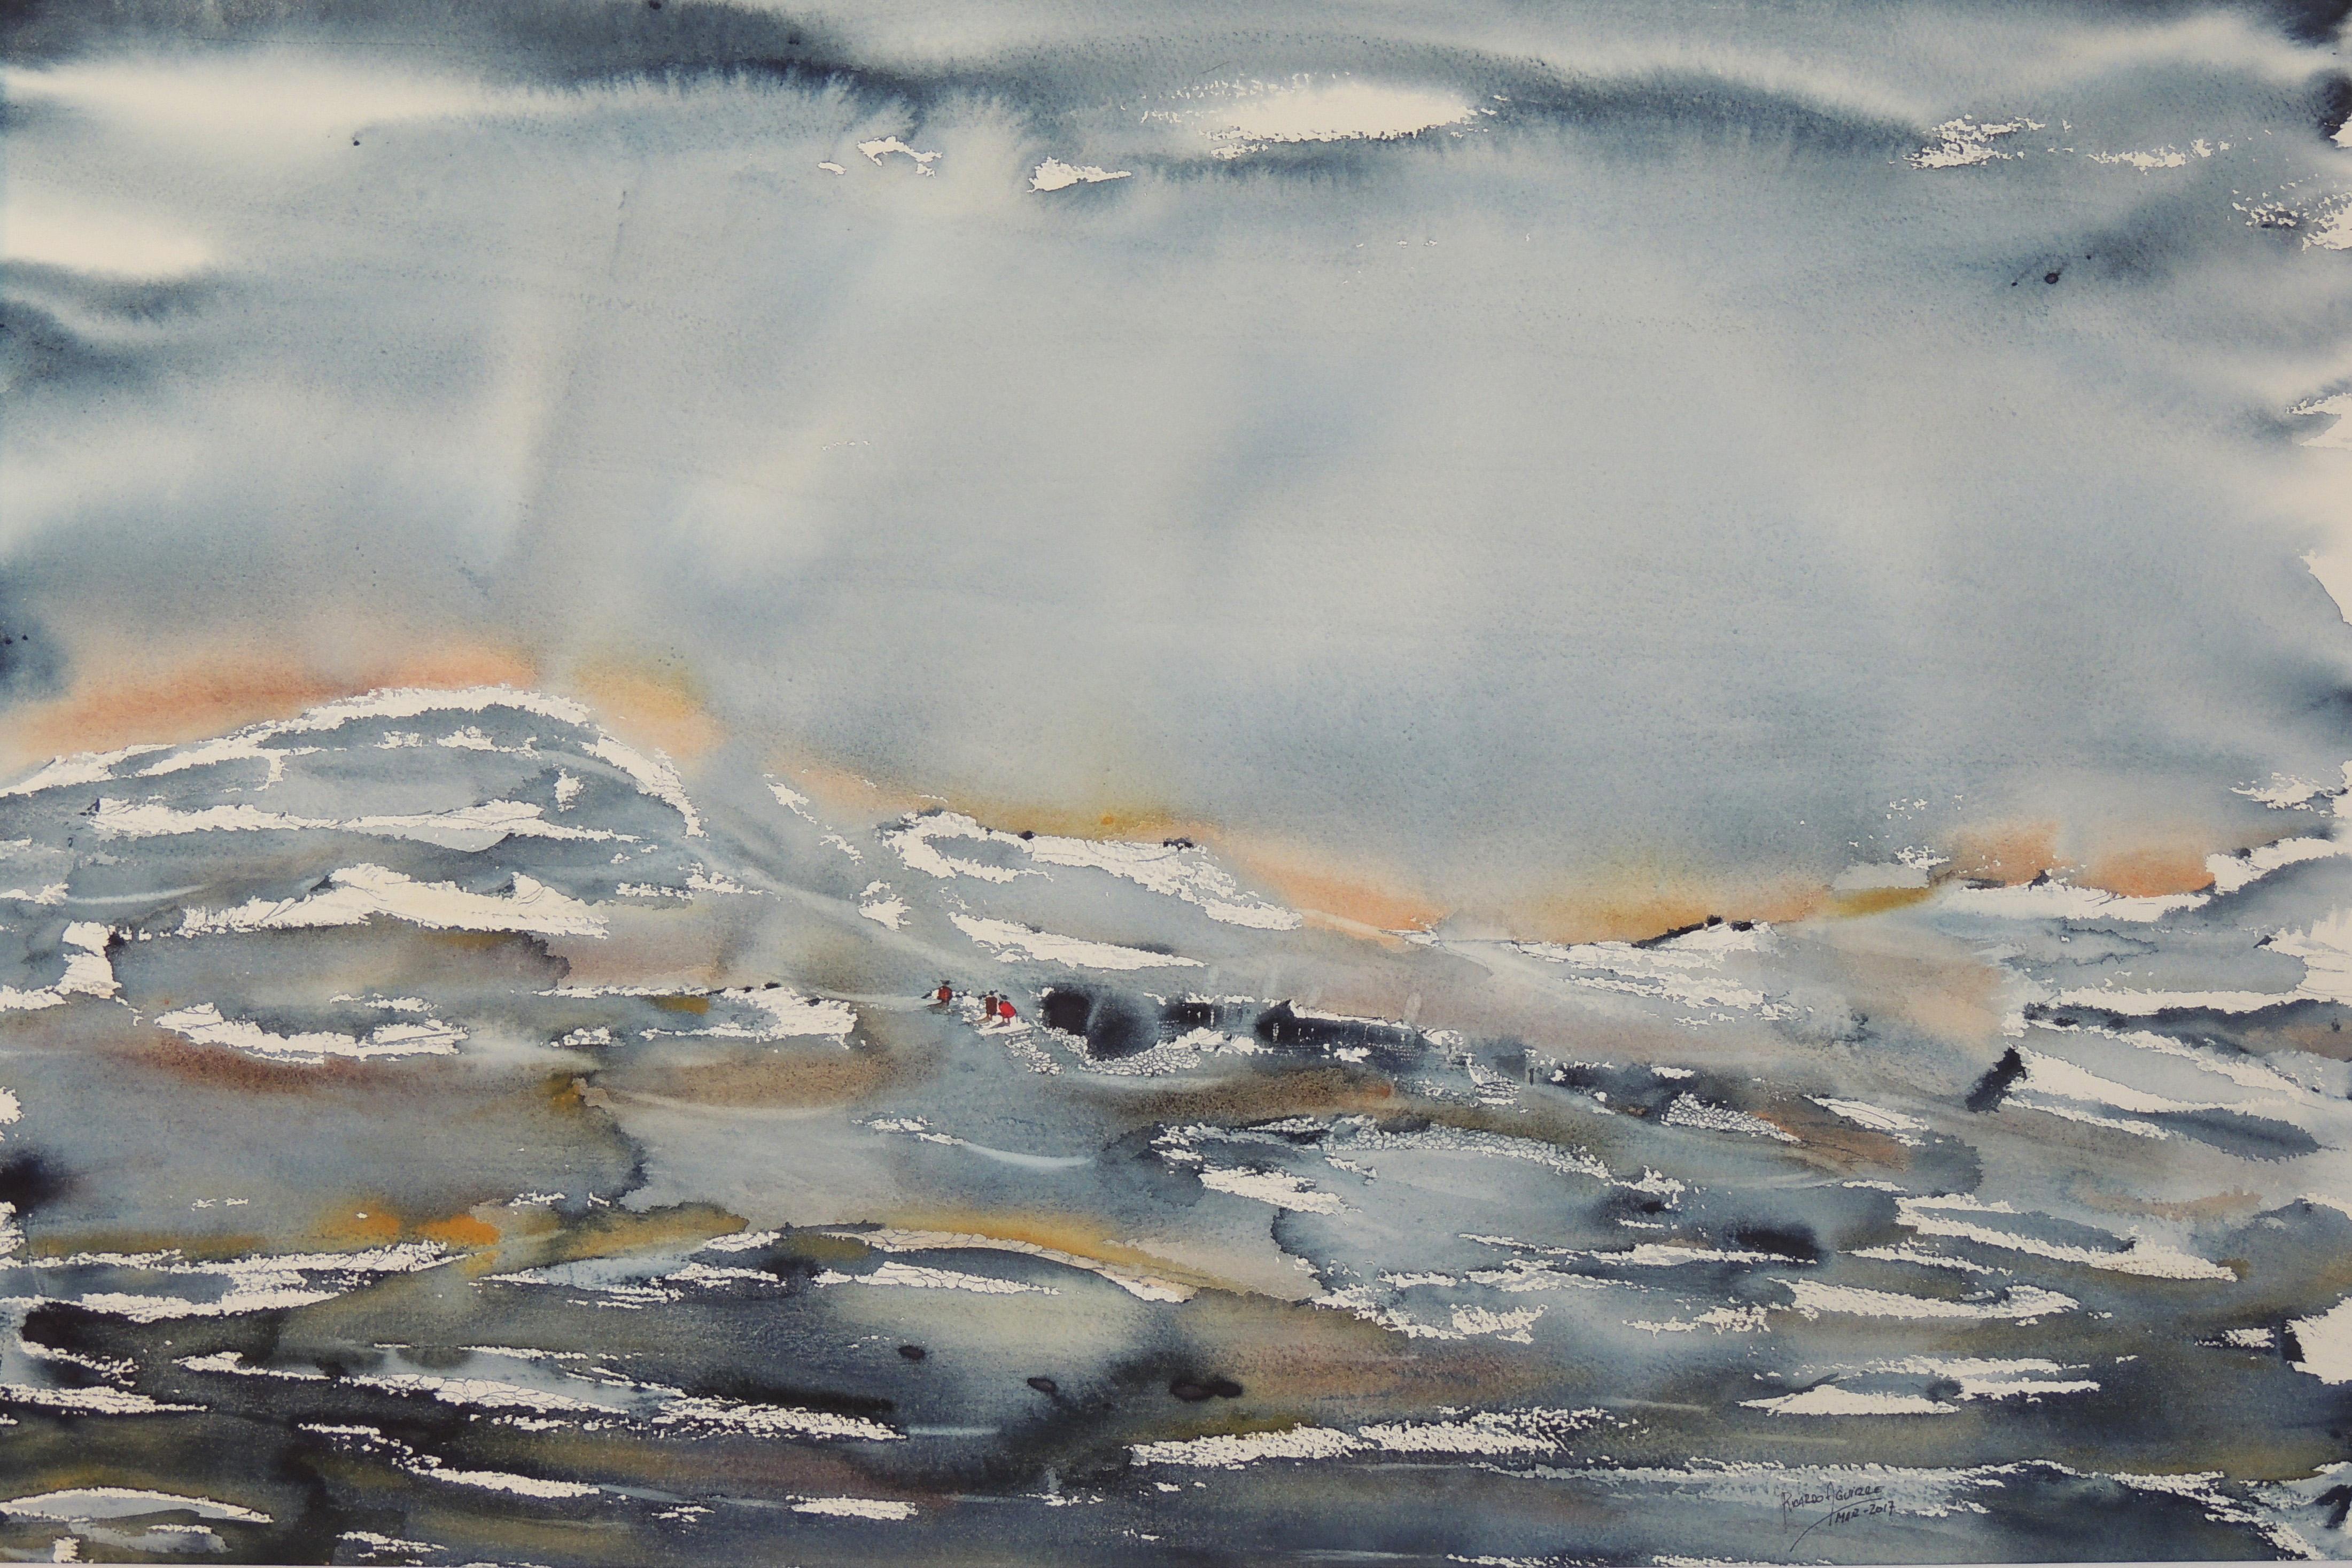 B.- Invierno - Winter